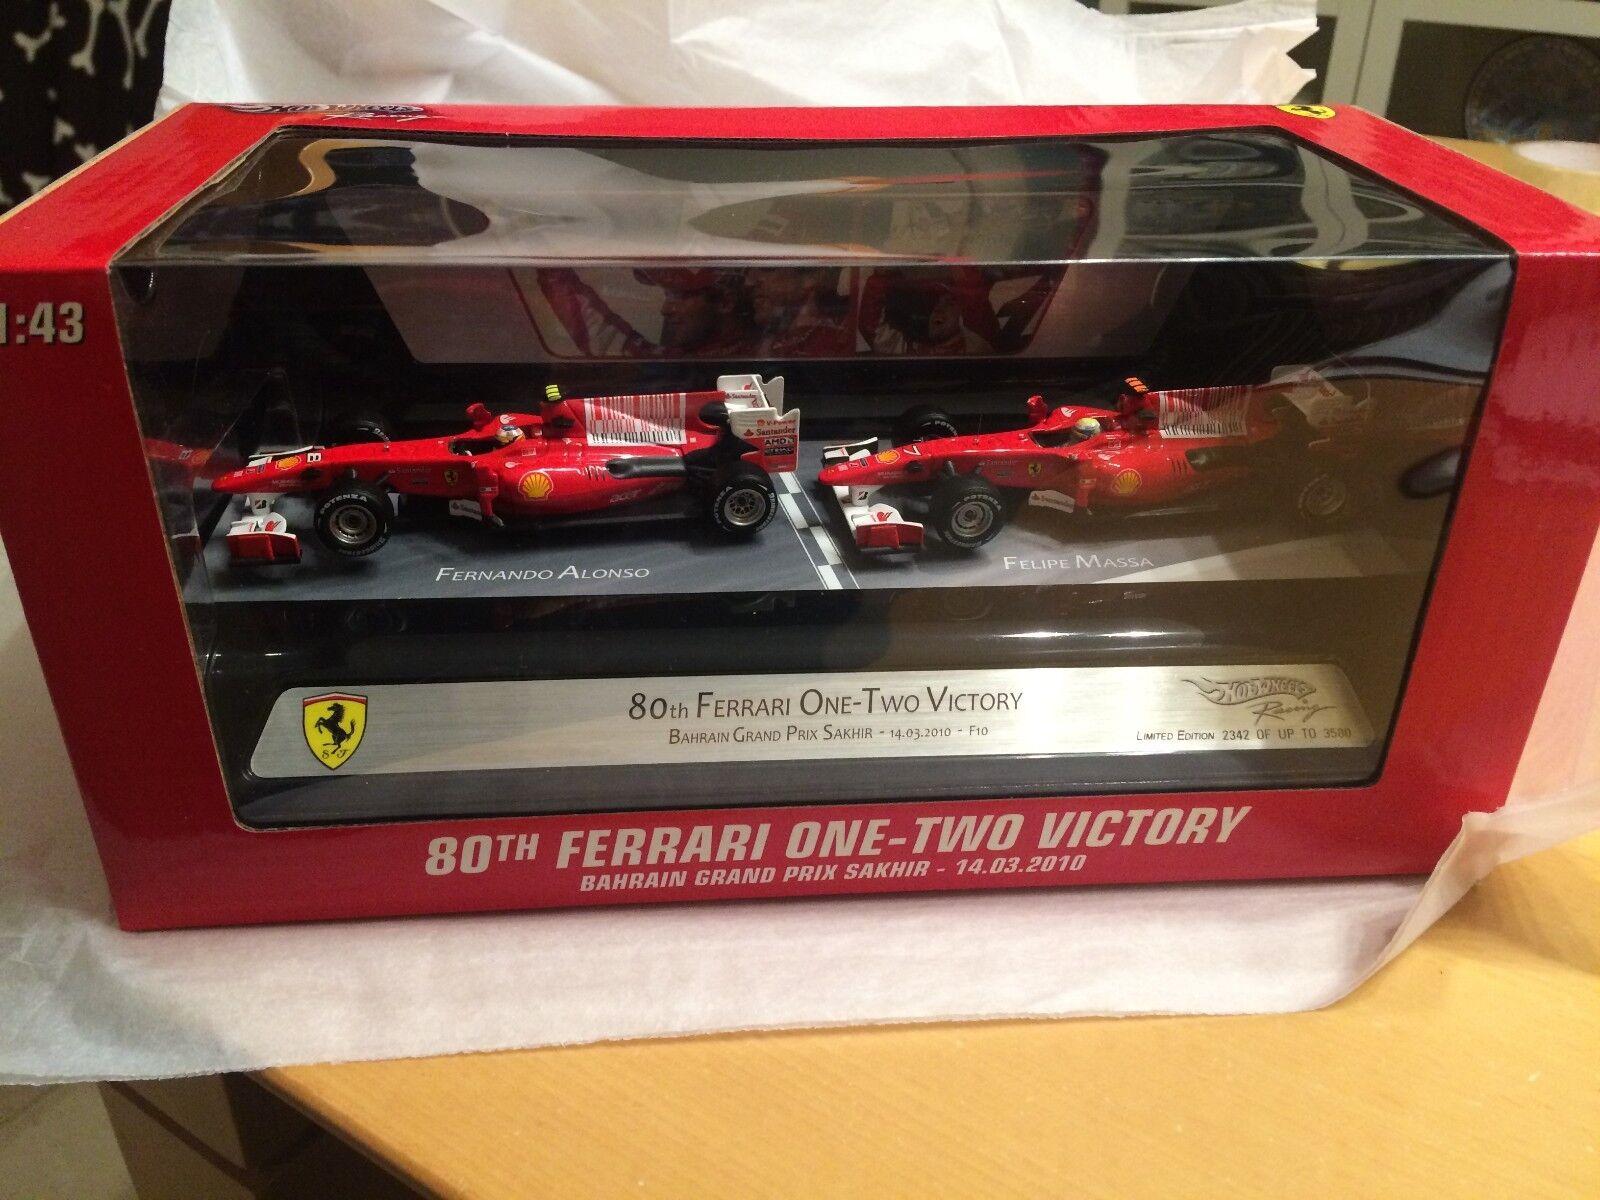 Ferrari Alonso & Massa Bahrain GP 2010 Double set to celebrate Ferrari`s 80th